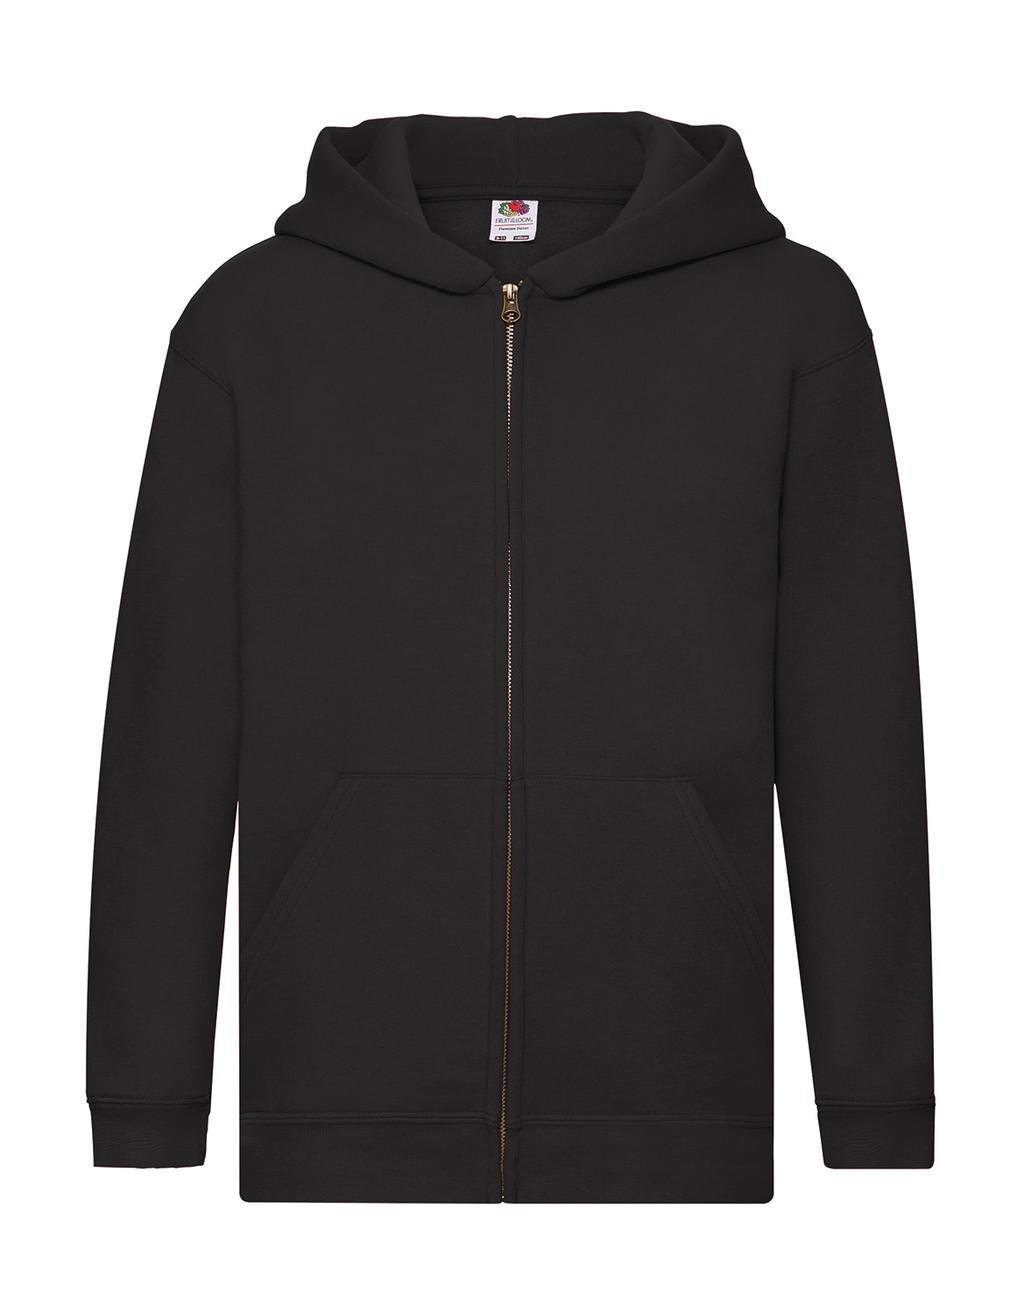 Dìtská mikina s kapucí a zipem Premium - zvìtšit obrázek